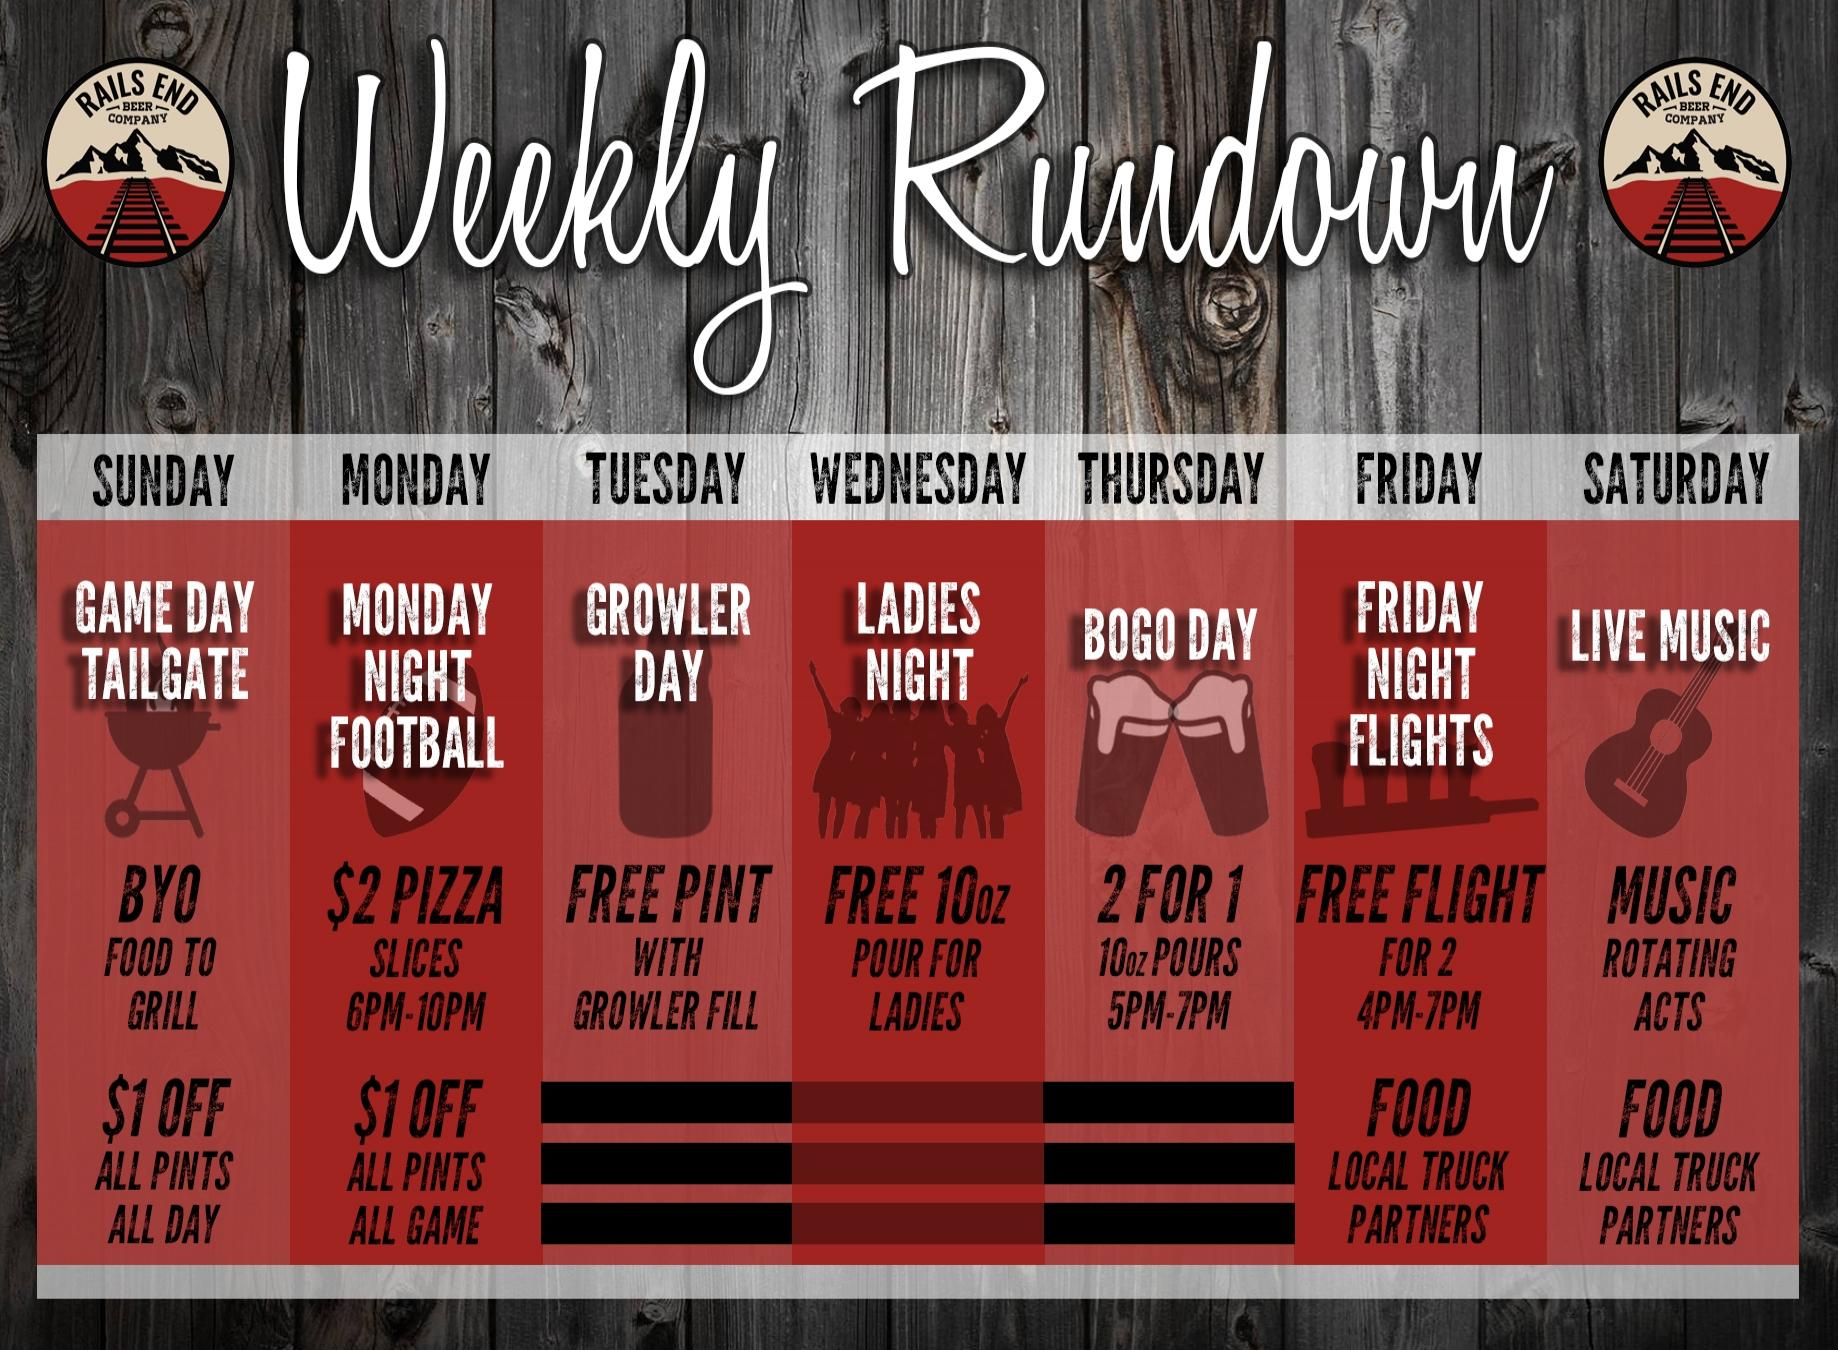 Weekly Rundown copy.jpg